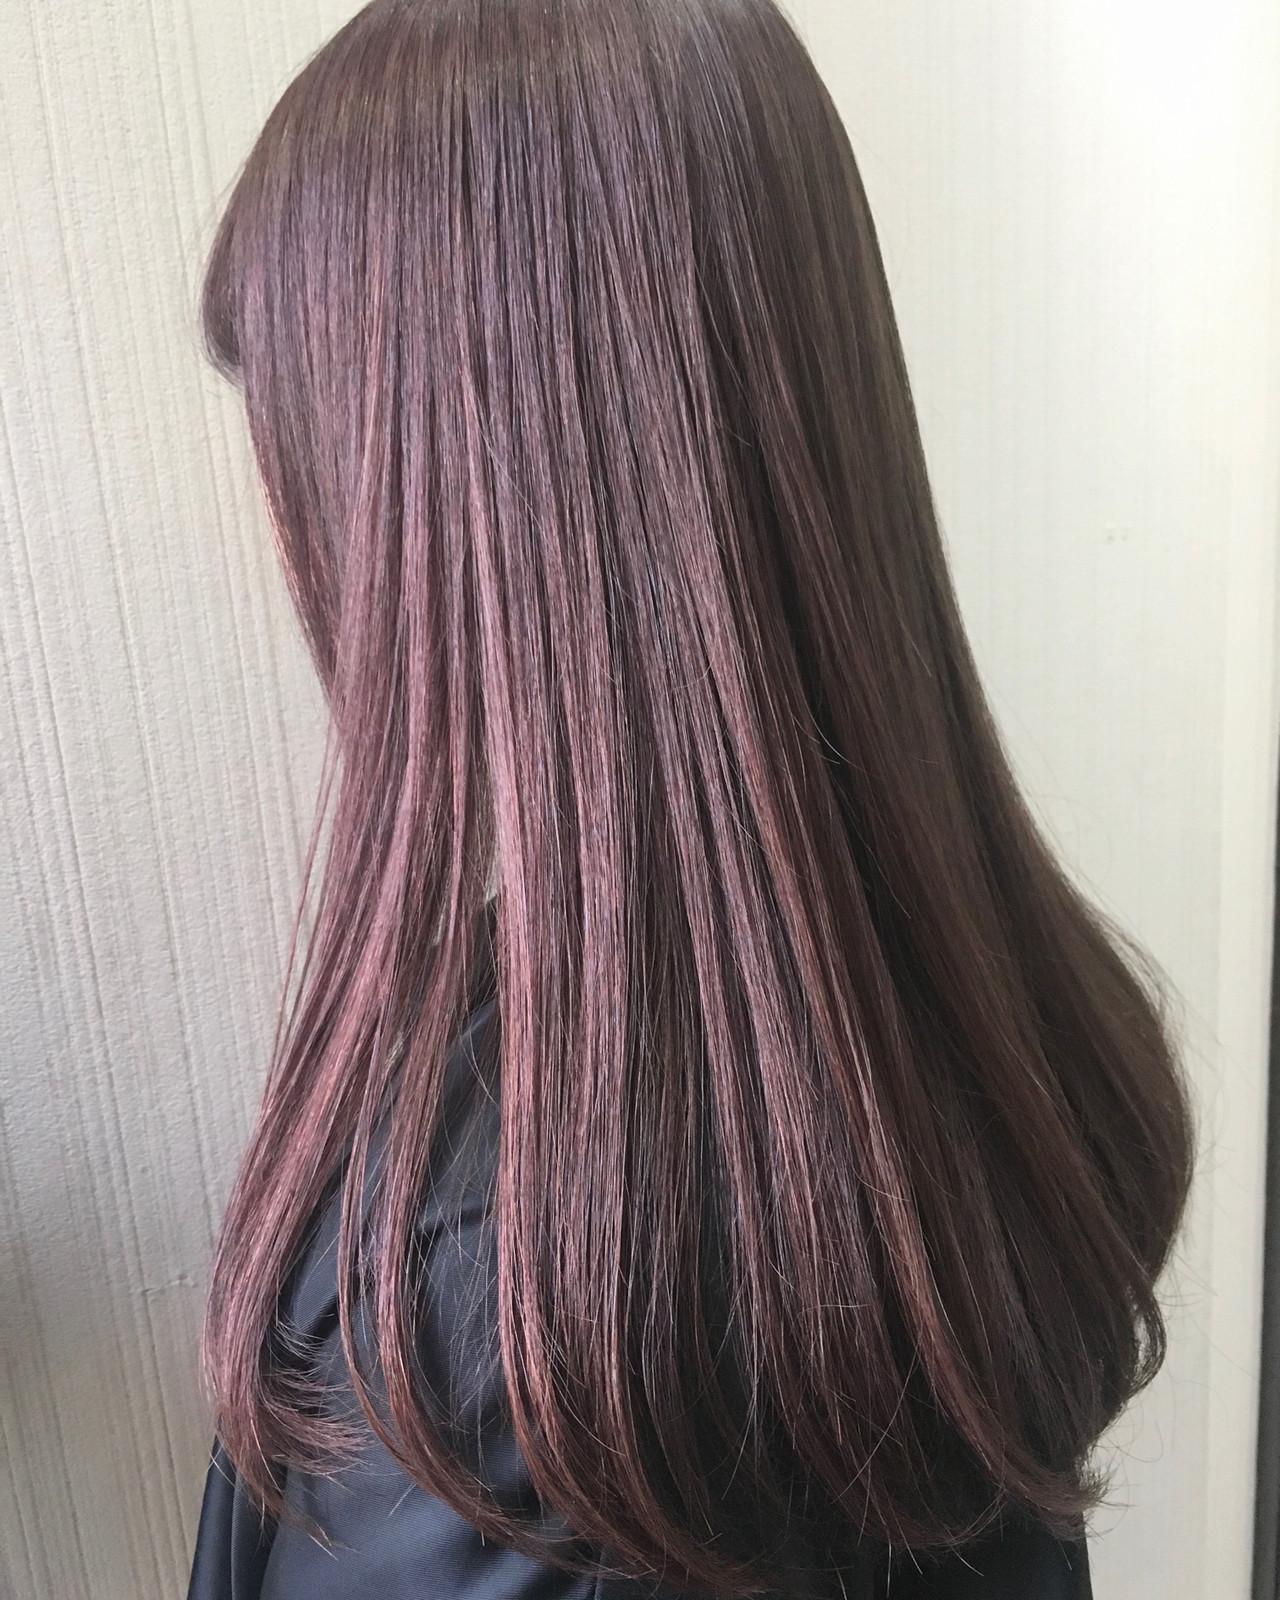 セミロング グレージュ ピンクブラウン ナチュラル ヘアスタイルや髪型の写真・画像